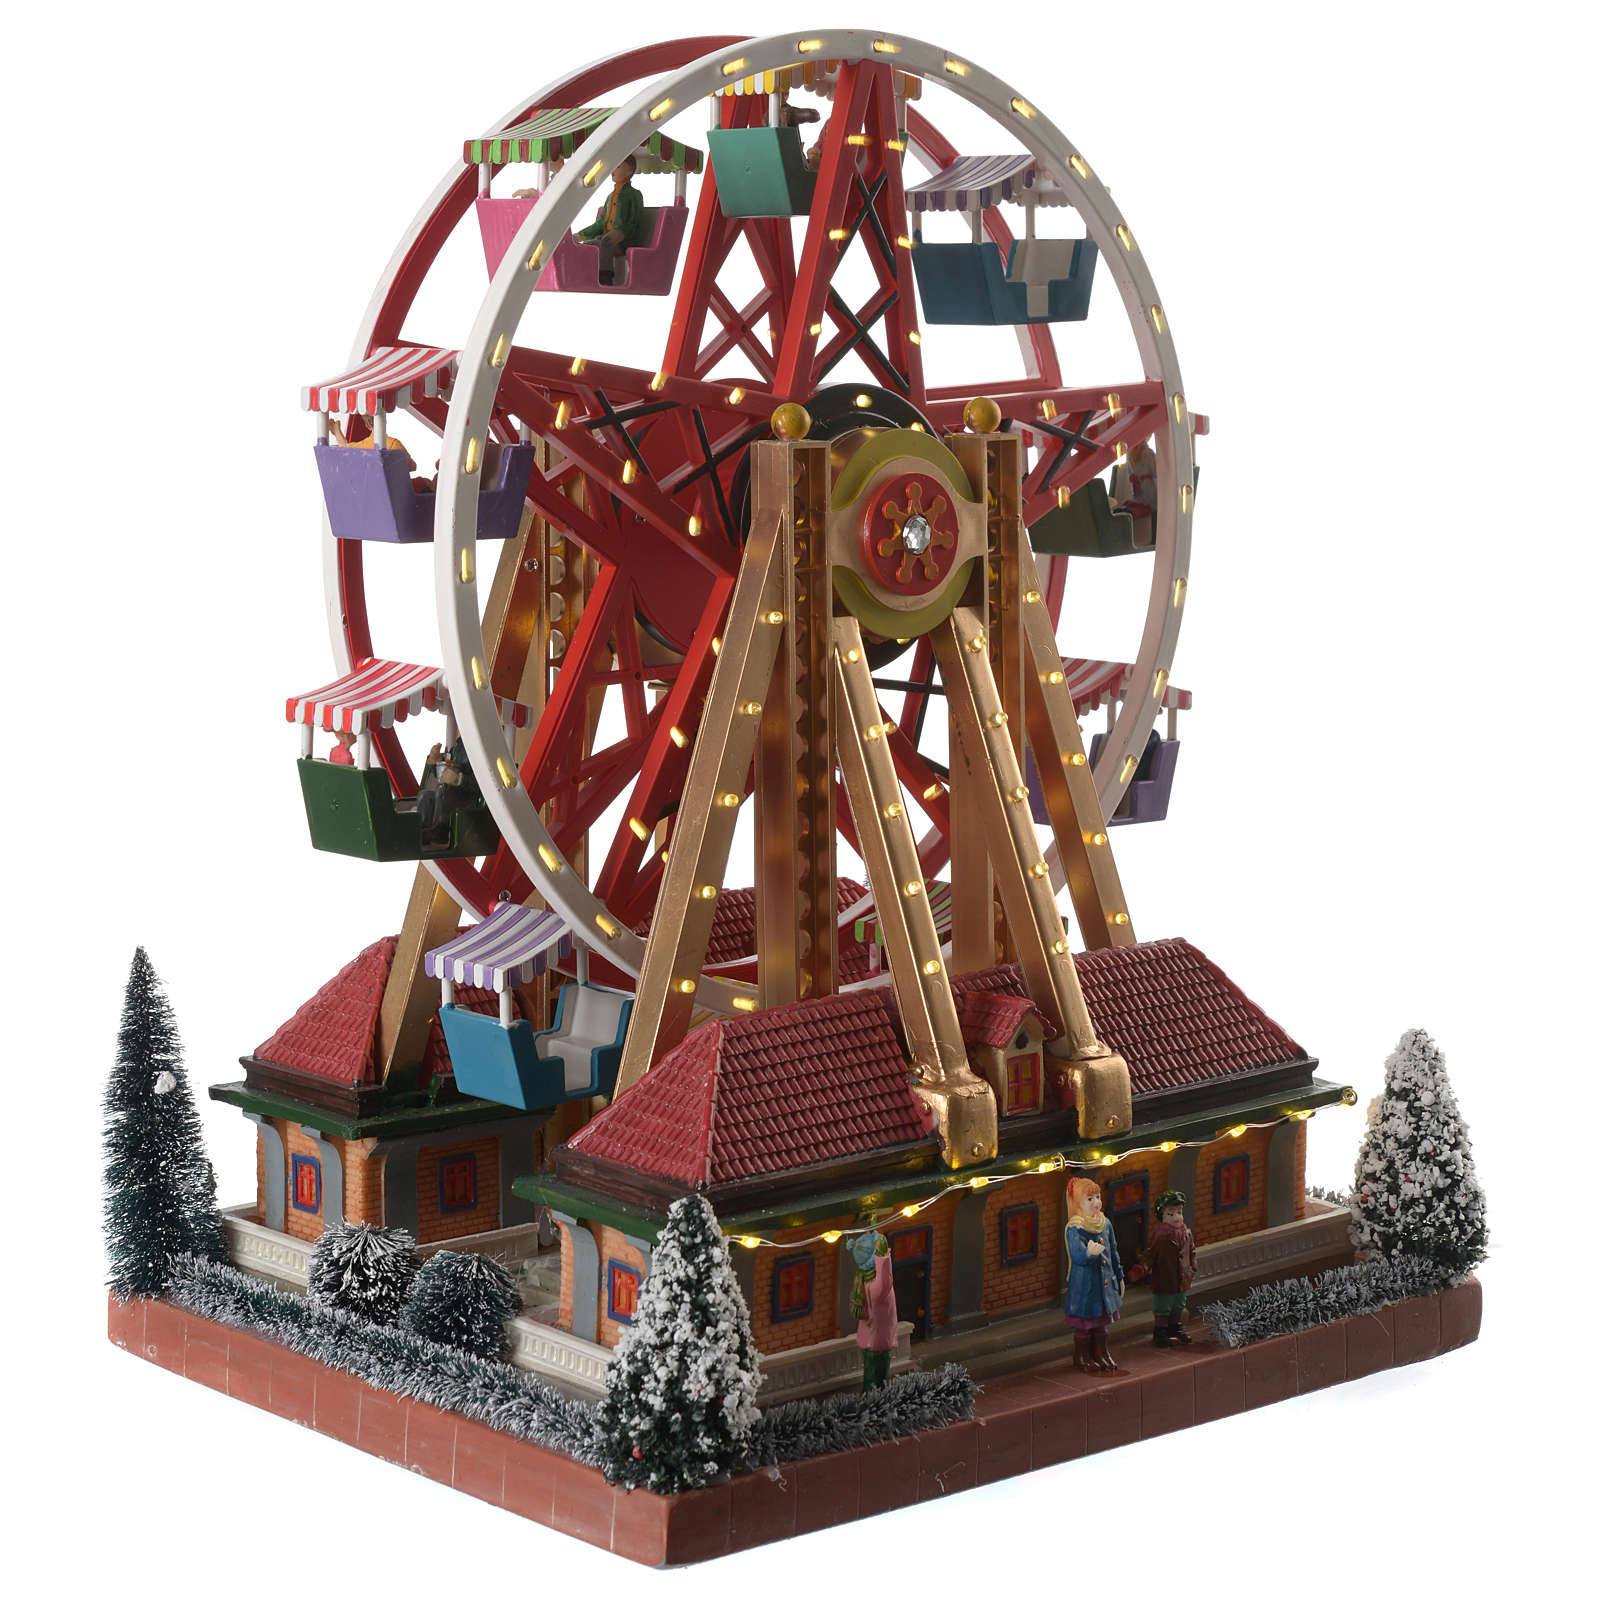 Weihnachtsszene Karussell mit Musik 30x25x30cm 3